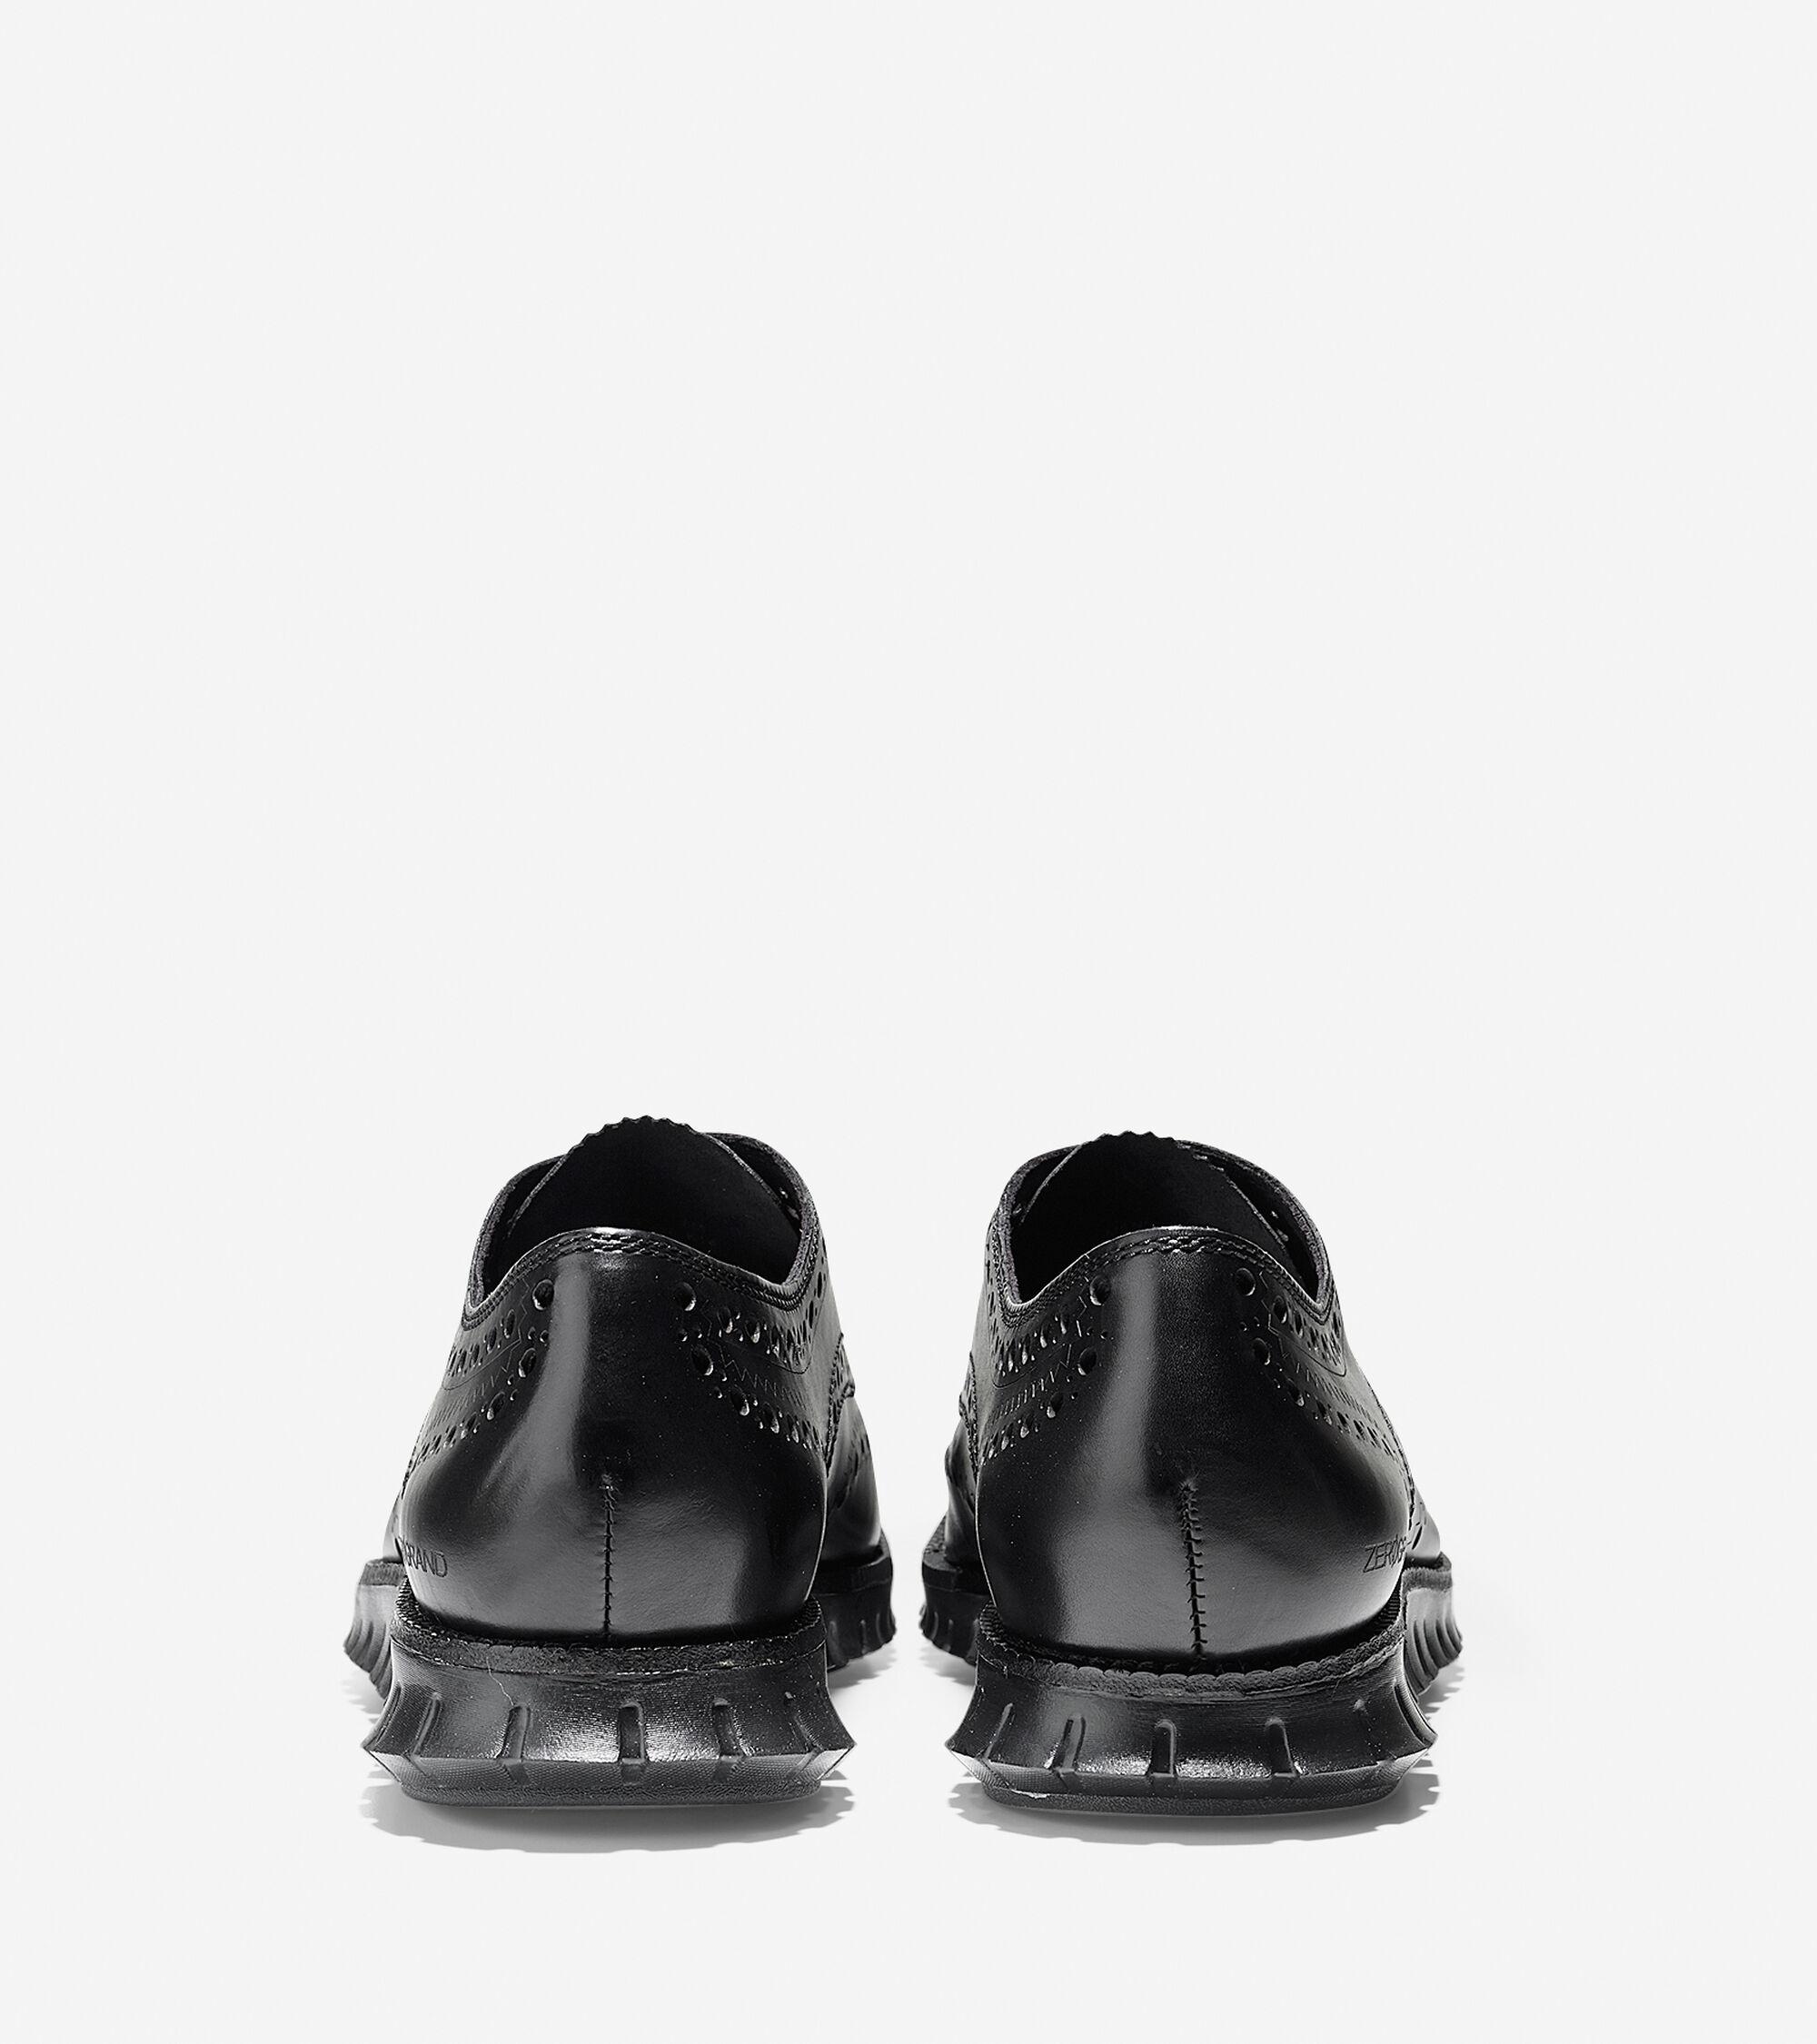 Cole haan black leather gloves -  Men S Zer Grand Wingtip Oxford Men S Zer Grand Wingtip Oxford Men S Zer Grand Wingtip Oxford Men S Zer Grand Wingtip Oxford Colehaan